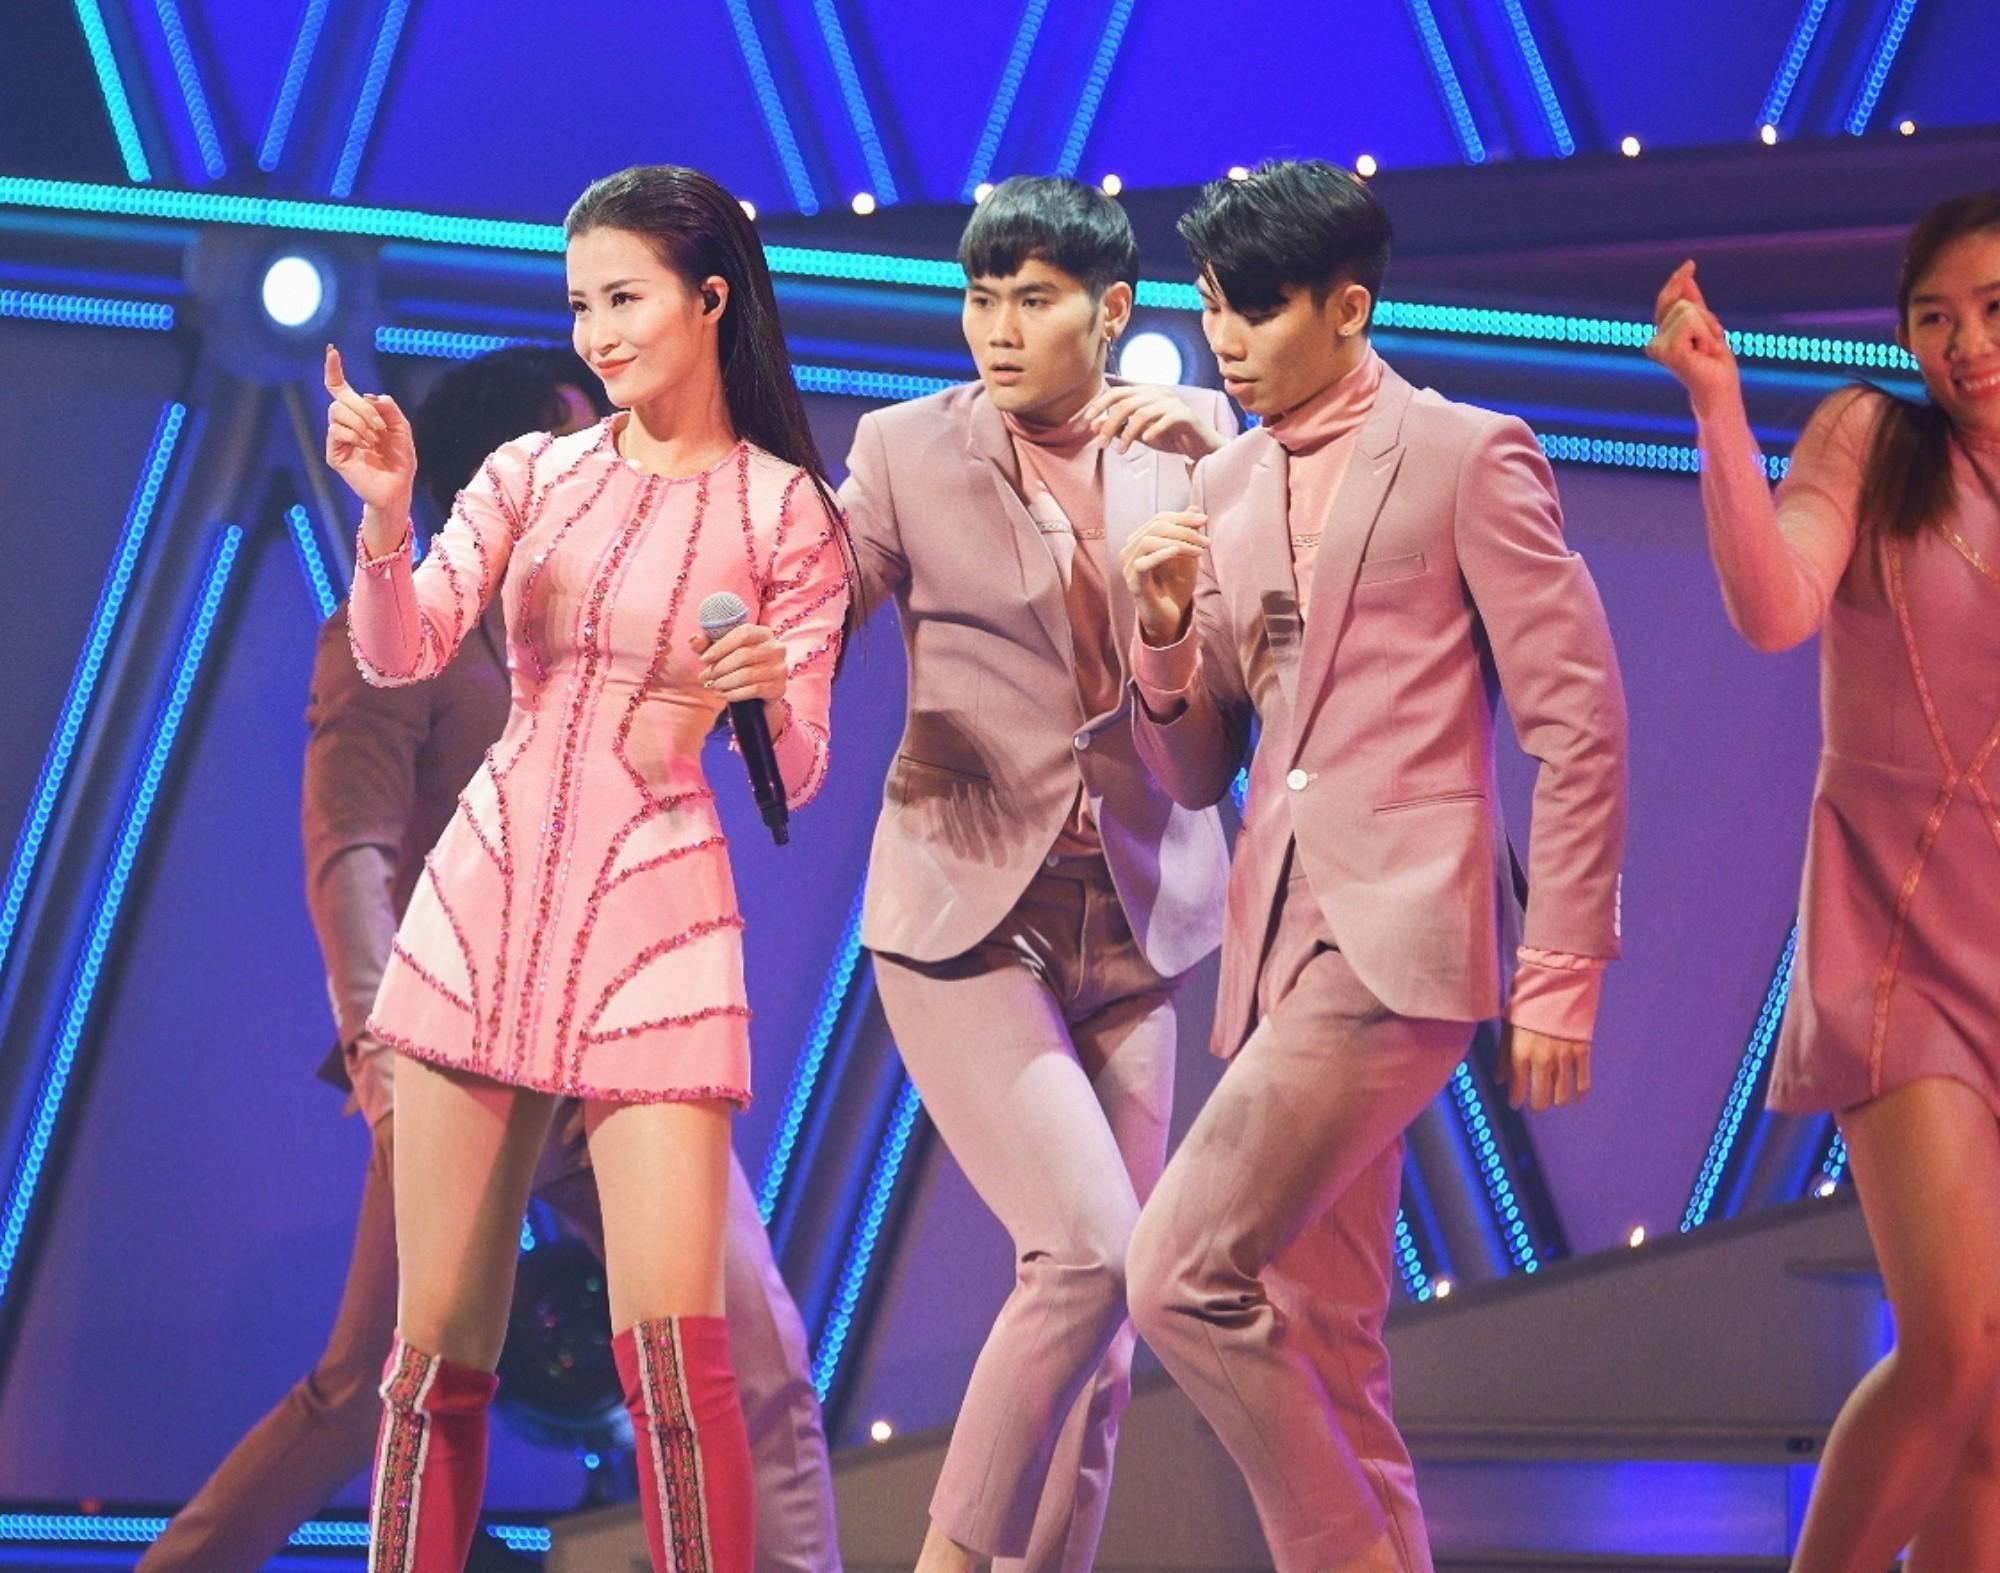 """Clip đang hot: Đông Nhi """"bắn"""" tiếng Nhật lưu loát đến ngỡ ngàng trên sân khấu Nhật Bản khiến fan Việt nức lòng - Ảnh 4."""